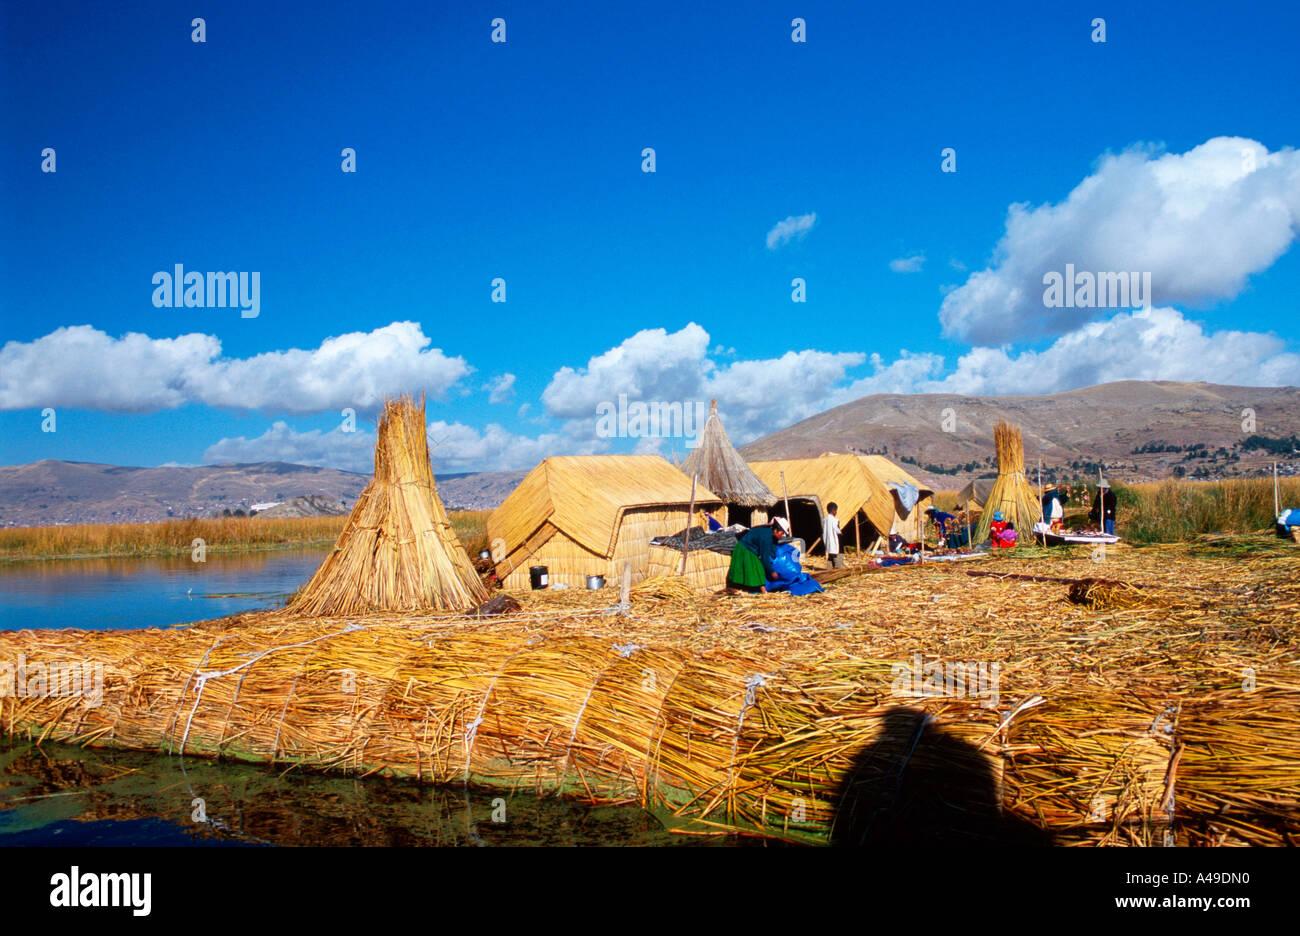 Uro village / Uro-Dorf - Stock Image